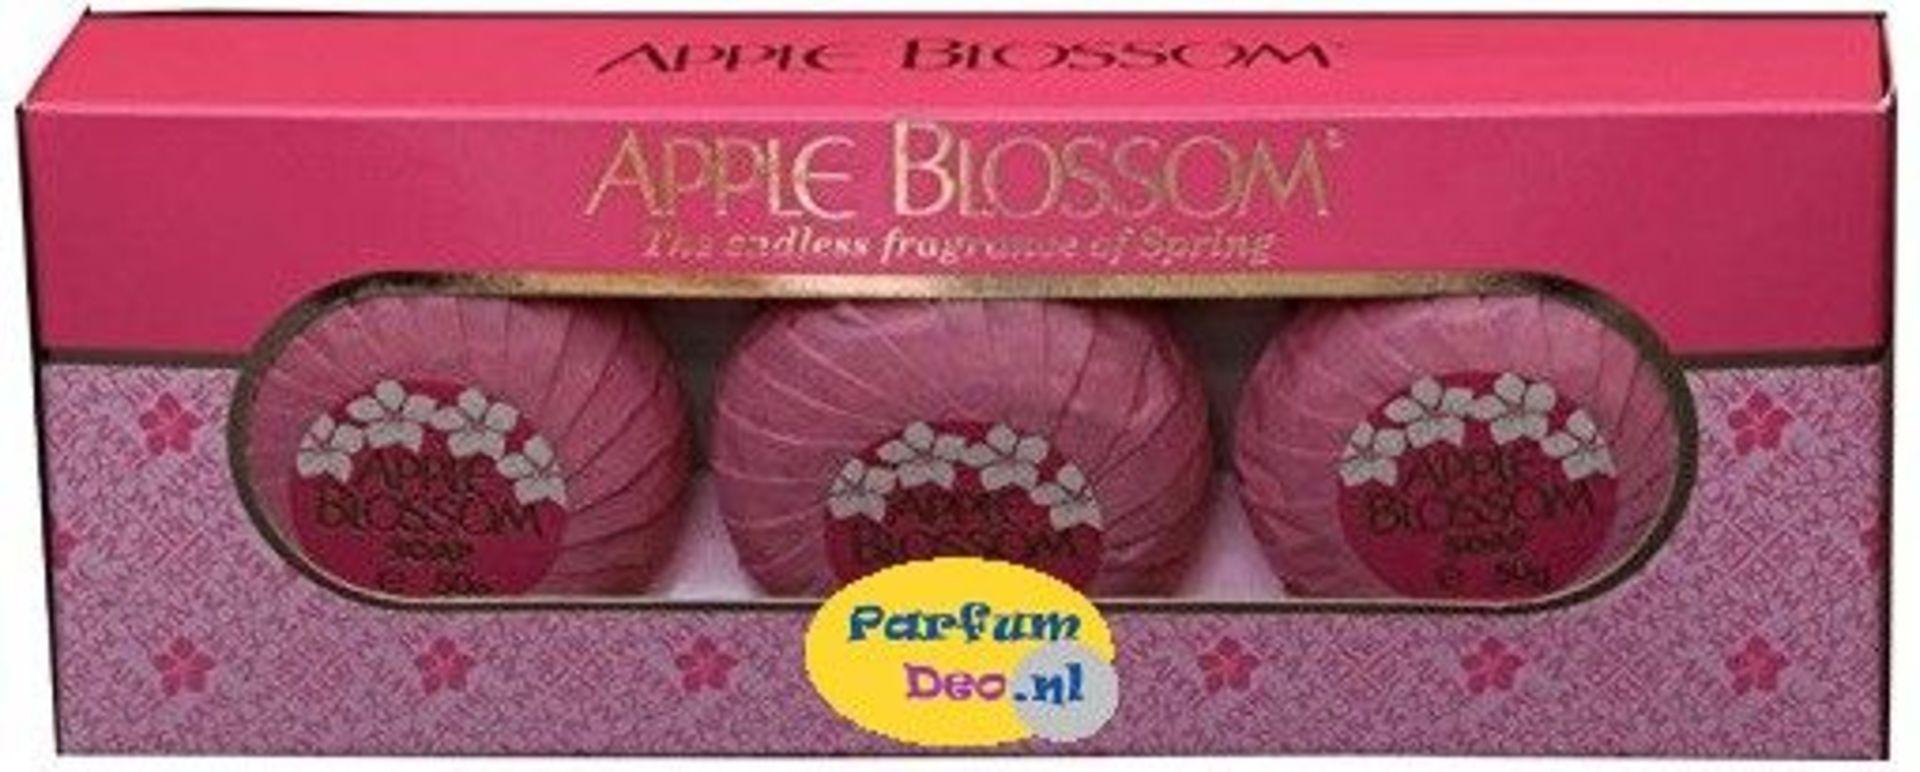 + VAT Brand New Apple Blossom 3X50G Soaps